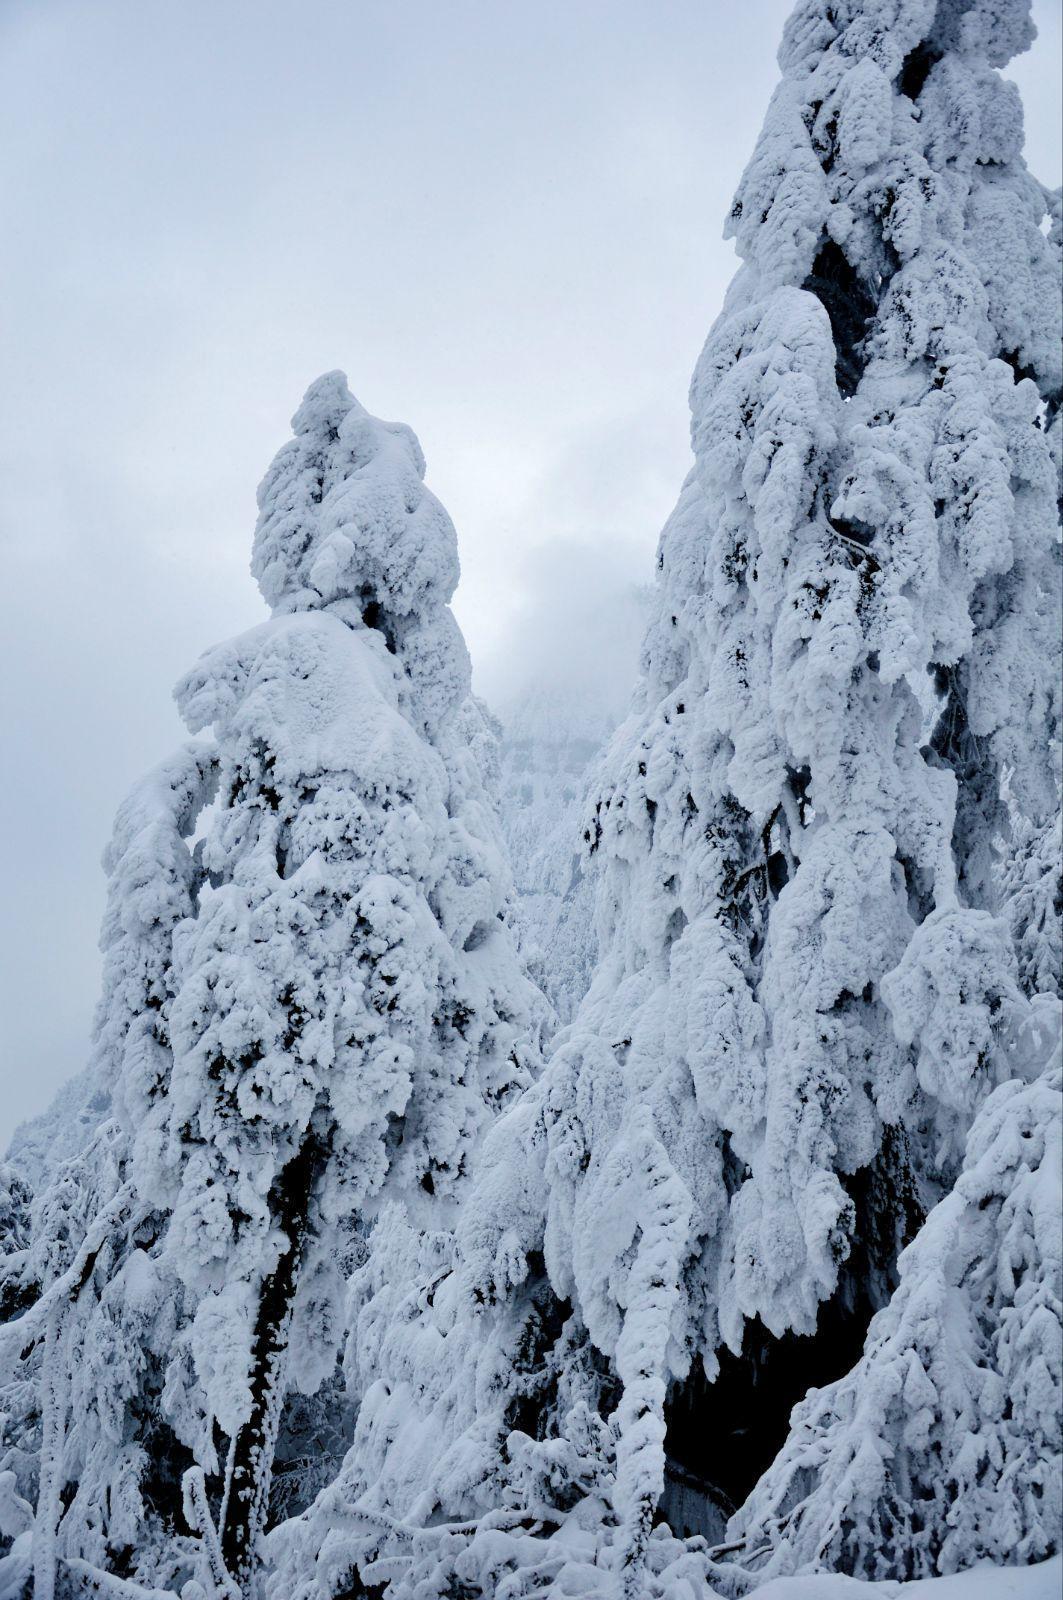 无限风景尽此山如此雪景山上山下两种景色.金顶